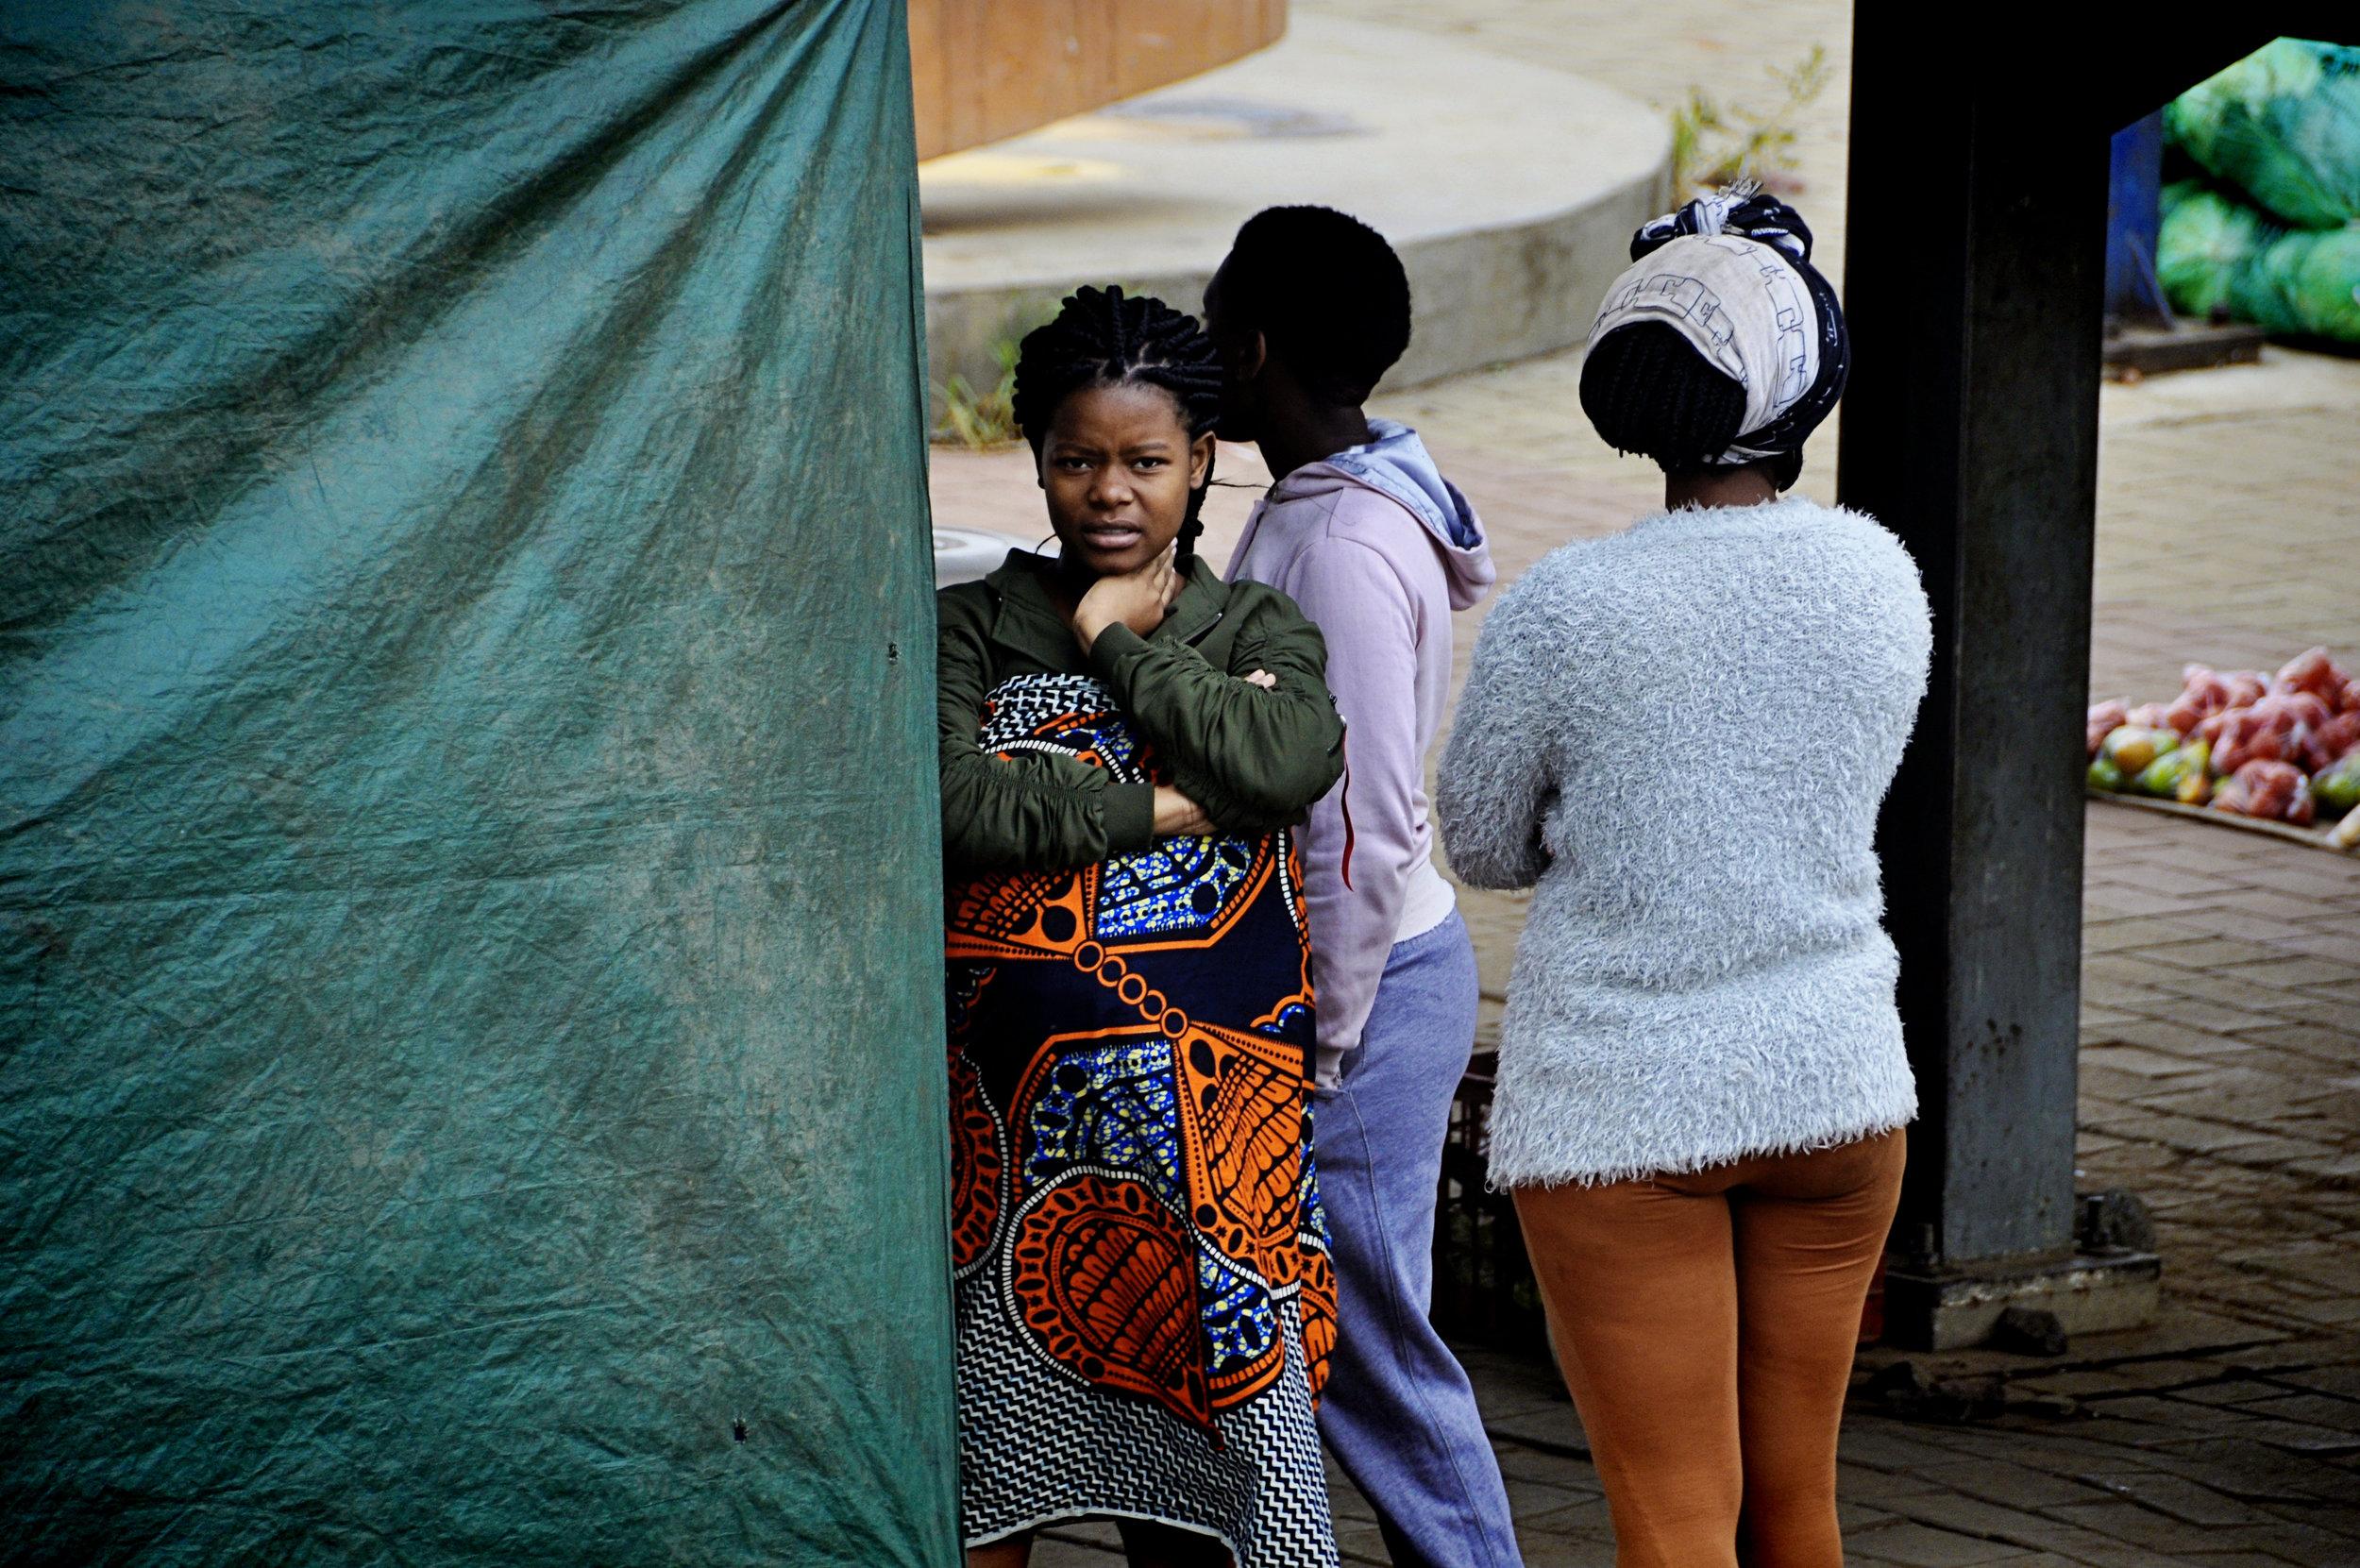 Africa-Johannesburg-55.jpg